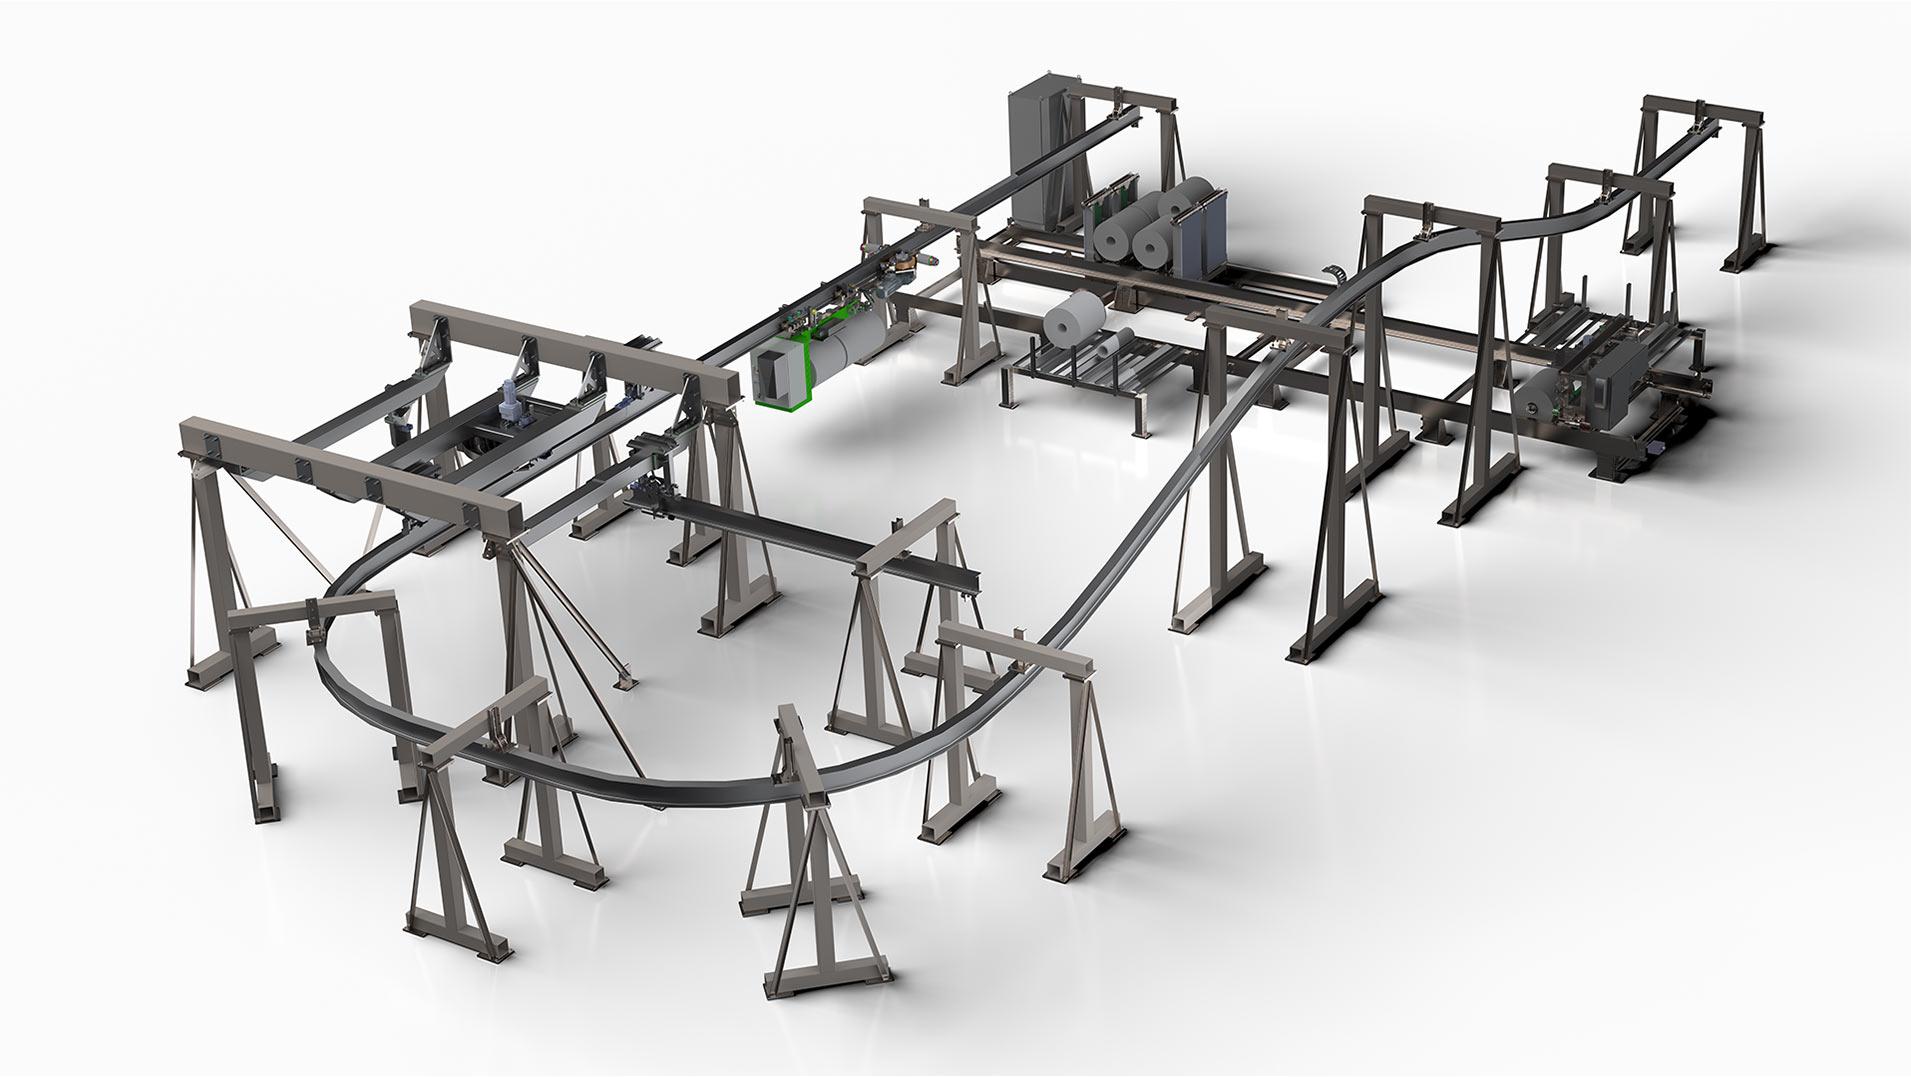 erstautomation-hängeshuttle-gesamtaufbau-logistik-automatisierung-nach-mass-automatisierung-fb-industry-automation